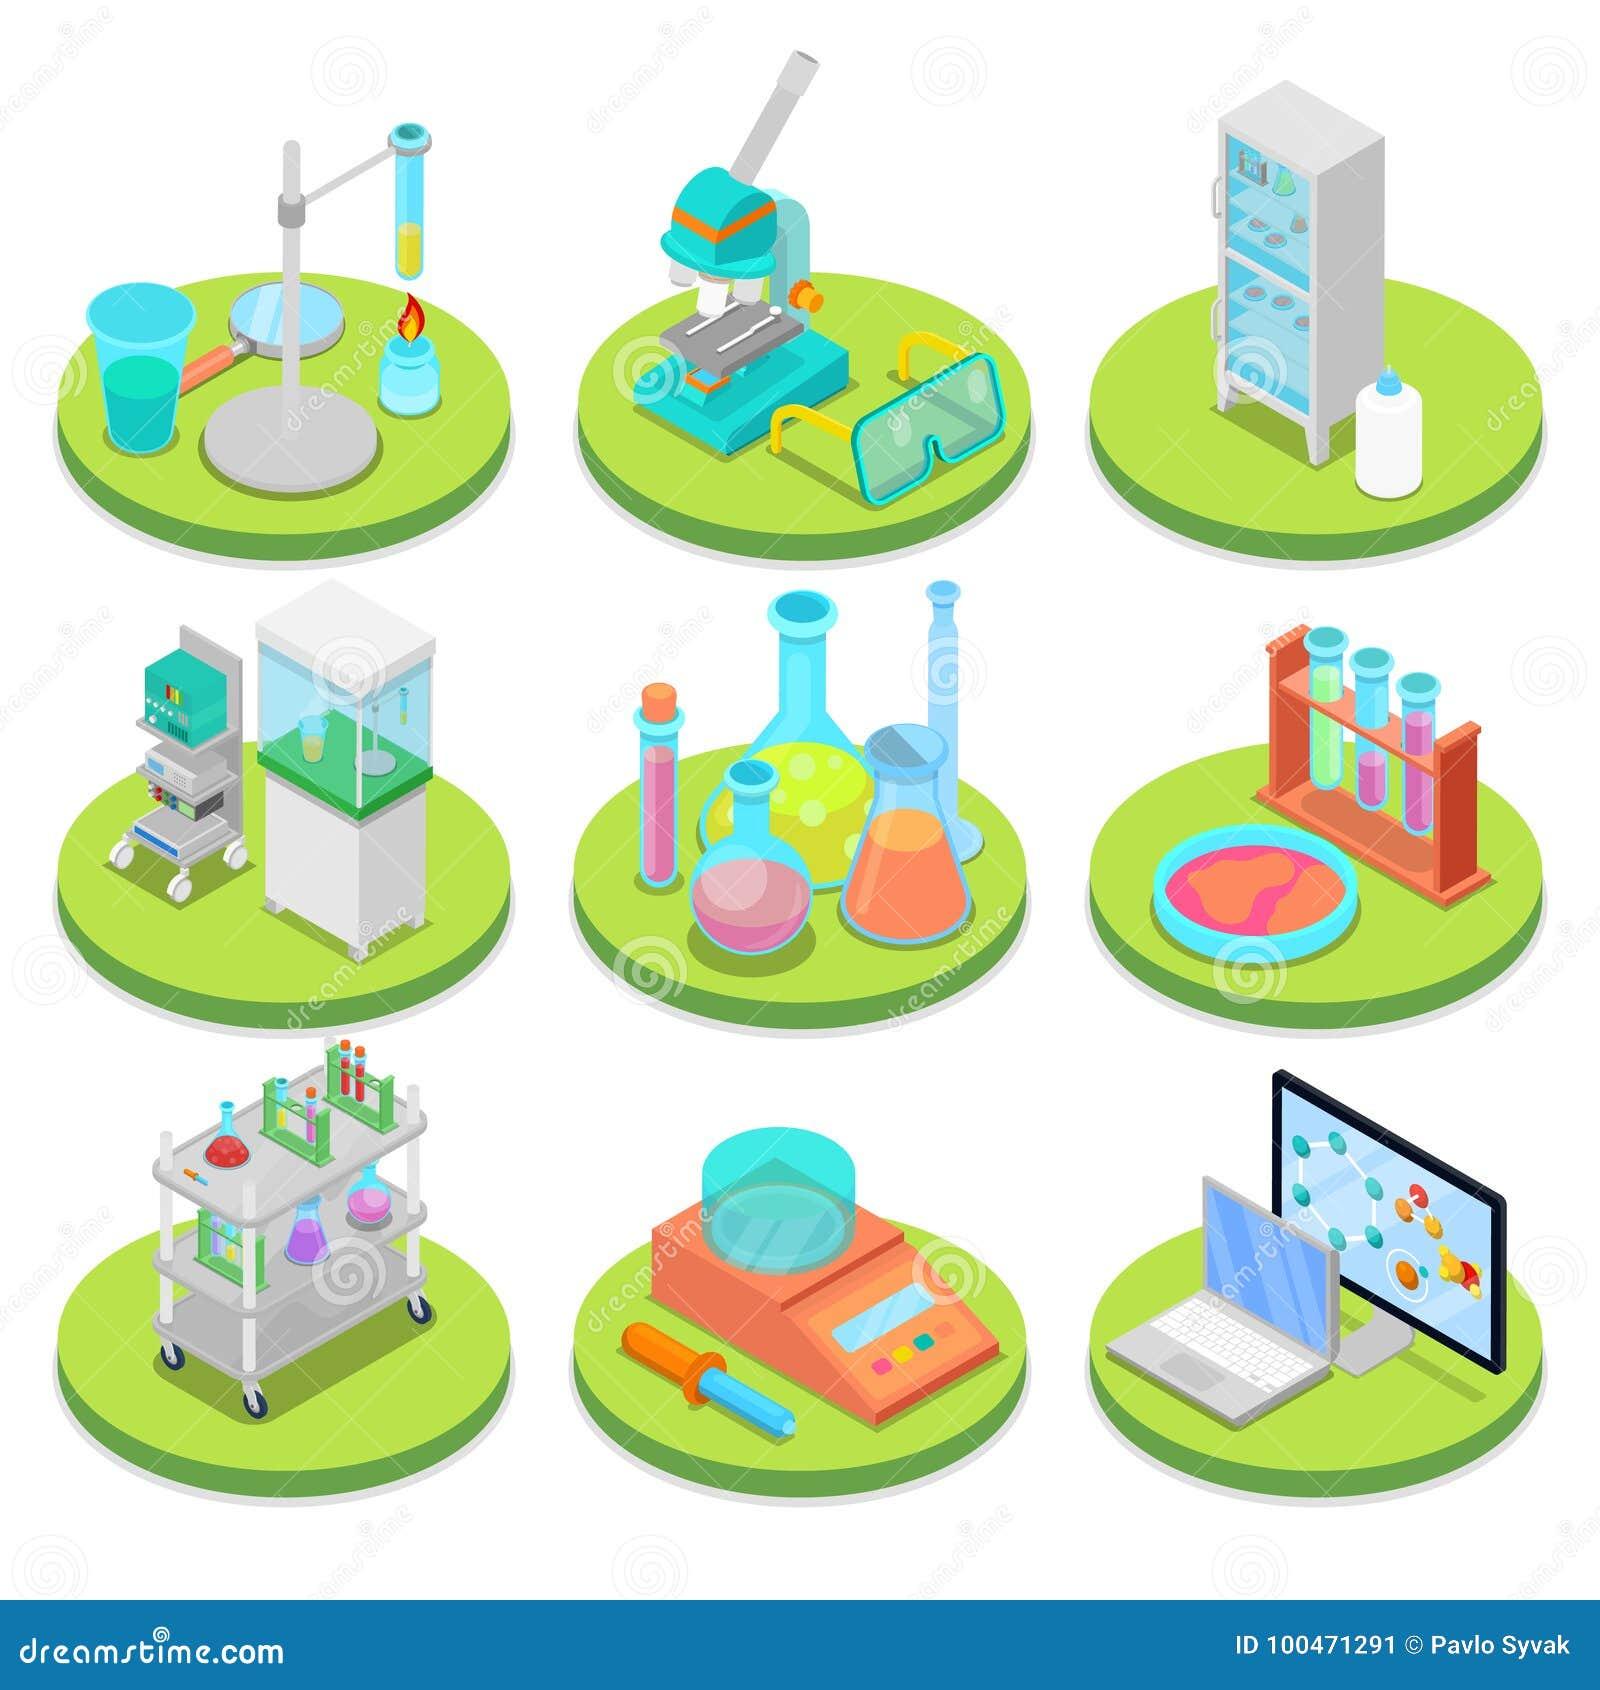 Chemii laboratorium naukowe Isometric Farmaceutyka, badanie eksperyment, Chemiczna technologia